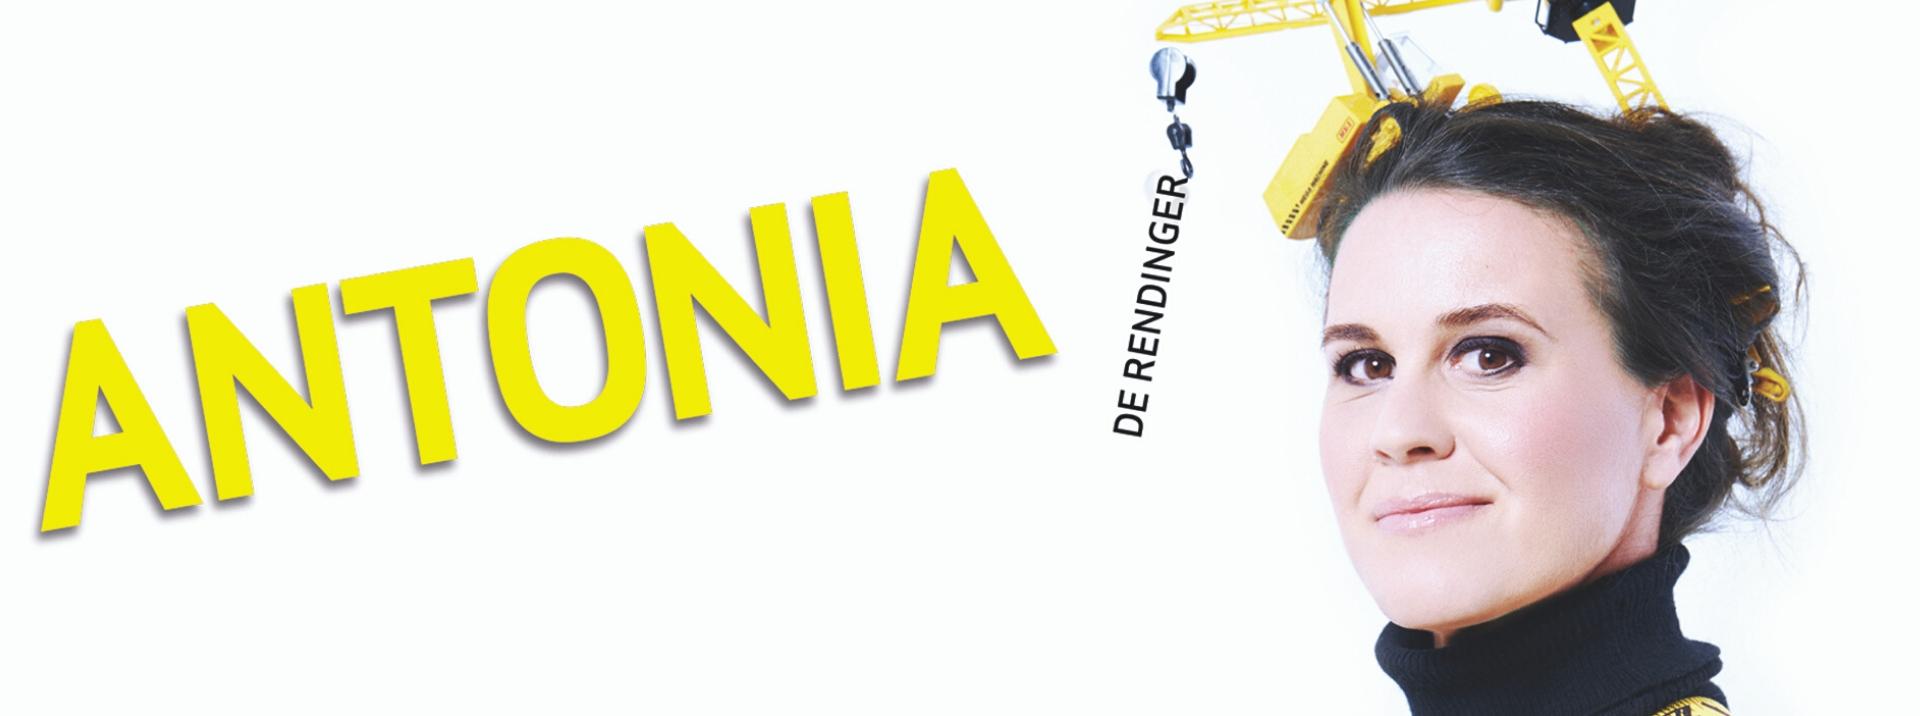 Antonia de rendinger, Comédie, Spectacles, Comique ,Humoriste ,Sur scène, Nouveau spectacle, One-man-show, Humour, Tournée, Improvisation, Humoristes, Réservez vos places, Faire rire, One-woman, Comédienne, Sketches, Comédien, Metteur, Sketch, One-woman-show, Jeune public, Spectacle d humour, Spectacles d humour, Pièces de théâtre, Mis en scène, Comédiens, Salle de spectacle, Impro, Cie, Théâtres, Centre culturel, Rires, Metteur-en-scène, Humoristique, Comiques, Ruquier, Seul en scène, Pièce de théâtre, Spectacle vivant, Drôles, Tous les spectacles, Palais des Congrès, Spectacle humoristique, Comedy club, Cours de théâtre ,Comédie musicale, Café-théâtre, Interprète, Billetterie, Blagues, Amateur, Théâtrale, Présente des spectacles, Talents du rire, Déjanté, Le rire, Voir un spectacle, Spectacles à Paris, Comédies, Réservations, Jeunes humoristes, Bonne humeur, Rire de tout, Spectacles de théâtre, Sorties au théâtre, Présenter son spectacle, Sur les planches, Burlesque, Célèbre humoriste, Amuse, Rire Et Chansons, Tarif réduit, Dramatique, Comédie club, Espace culturel, Aller voir des spectacles, Spectacle complet, Prochain spectacle, Force comique, Pendant le spectacle, Divertissement, Monter sur scène, Spectacle solo, Dernier spectacle, Vidéo comique, Spectateur, Grande salle, Nouvelle création, Spectacles comiques, Chroniqueur, Humoristes français, Spectacle comique, Spectacle de théâtre, Seule scène, Sélection de spectacles, Titre du spectacle, Dimanches, Excellent spectacle, Aller voir un spectacle, Agenda des spectacles, Fait des spectacles, Carmélites, Humoriste français, Voir au théâtre, Fait partie du spectacle, Programme de théâtre, Fous-rires, Affiche du spectacle, Présenter des spectacles, Voir des spectacles, Liste des spectacles, Théâtral, Scénique, Humoristiques, Parodie, Créé un spectacle, Cafés-théâtres, Faire du théâtre, Rire ensemble, Billet de spectacle